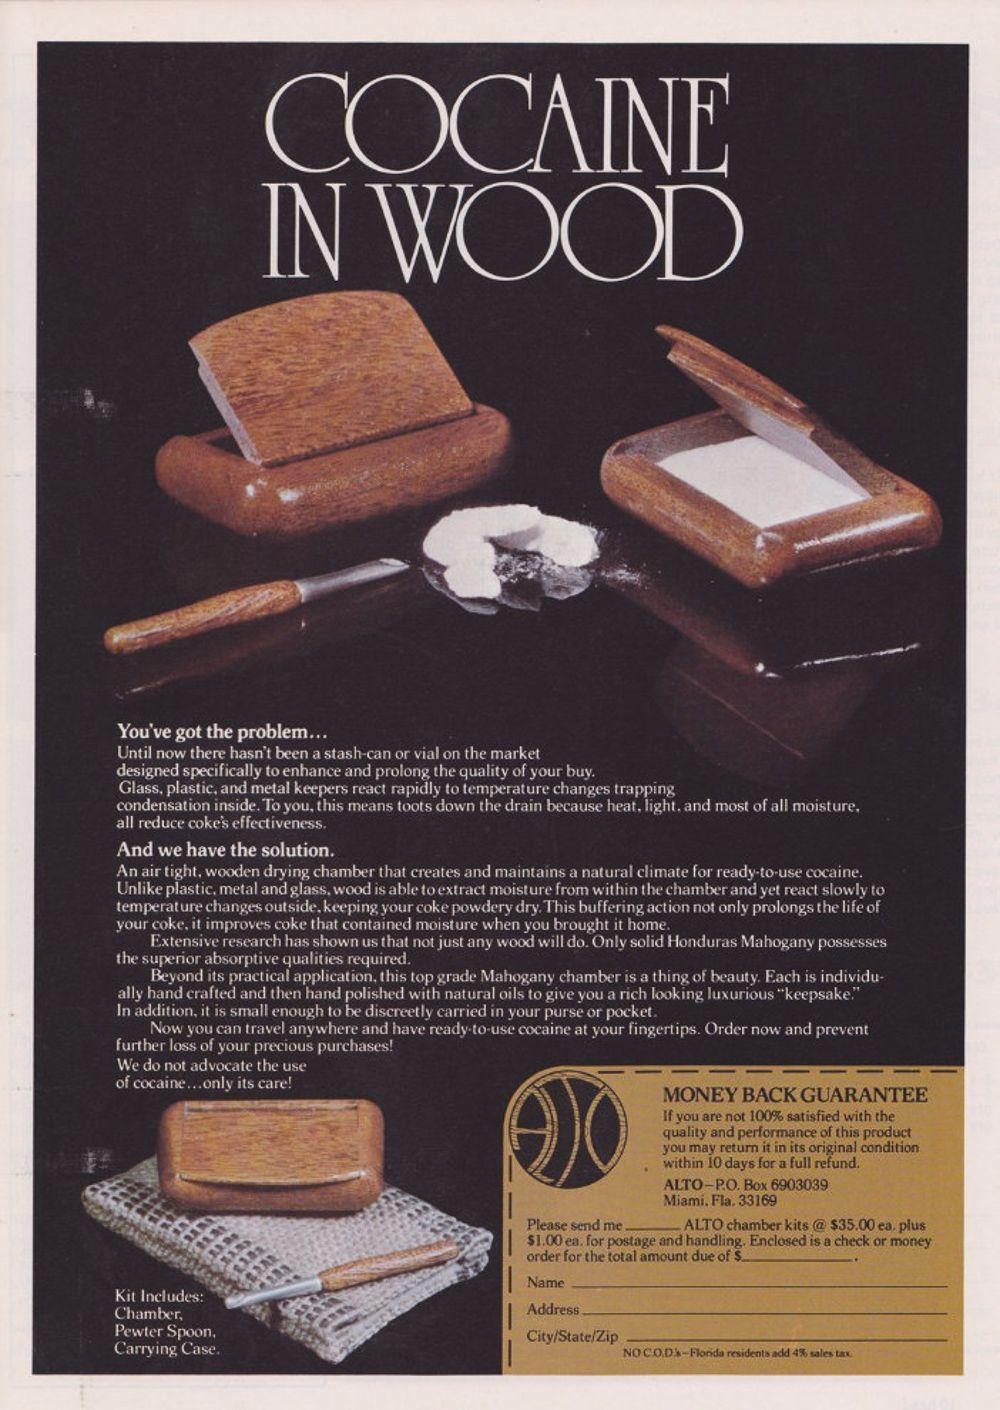 asi anunciaban productos relacionados con la cocaina en las revistas de los años 70 y 80 15